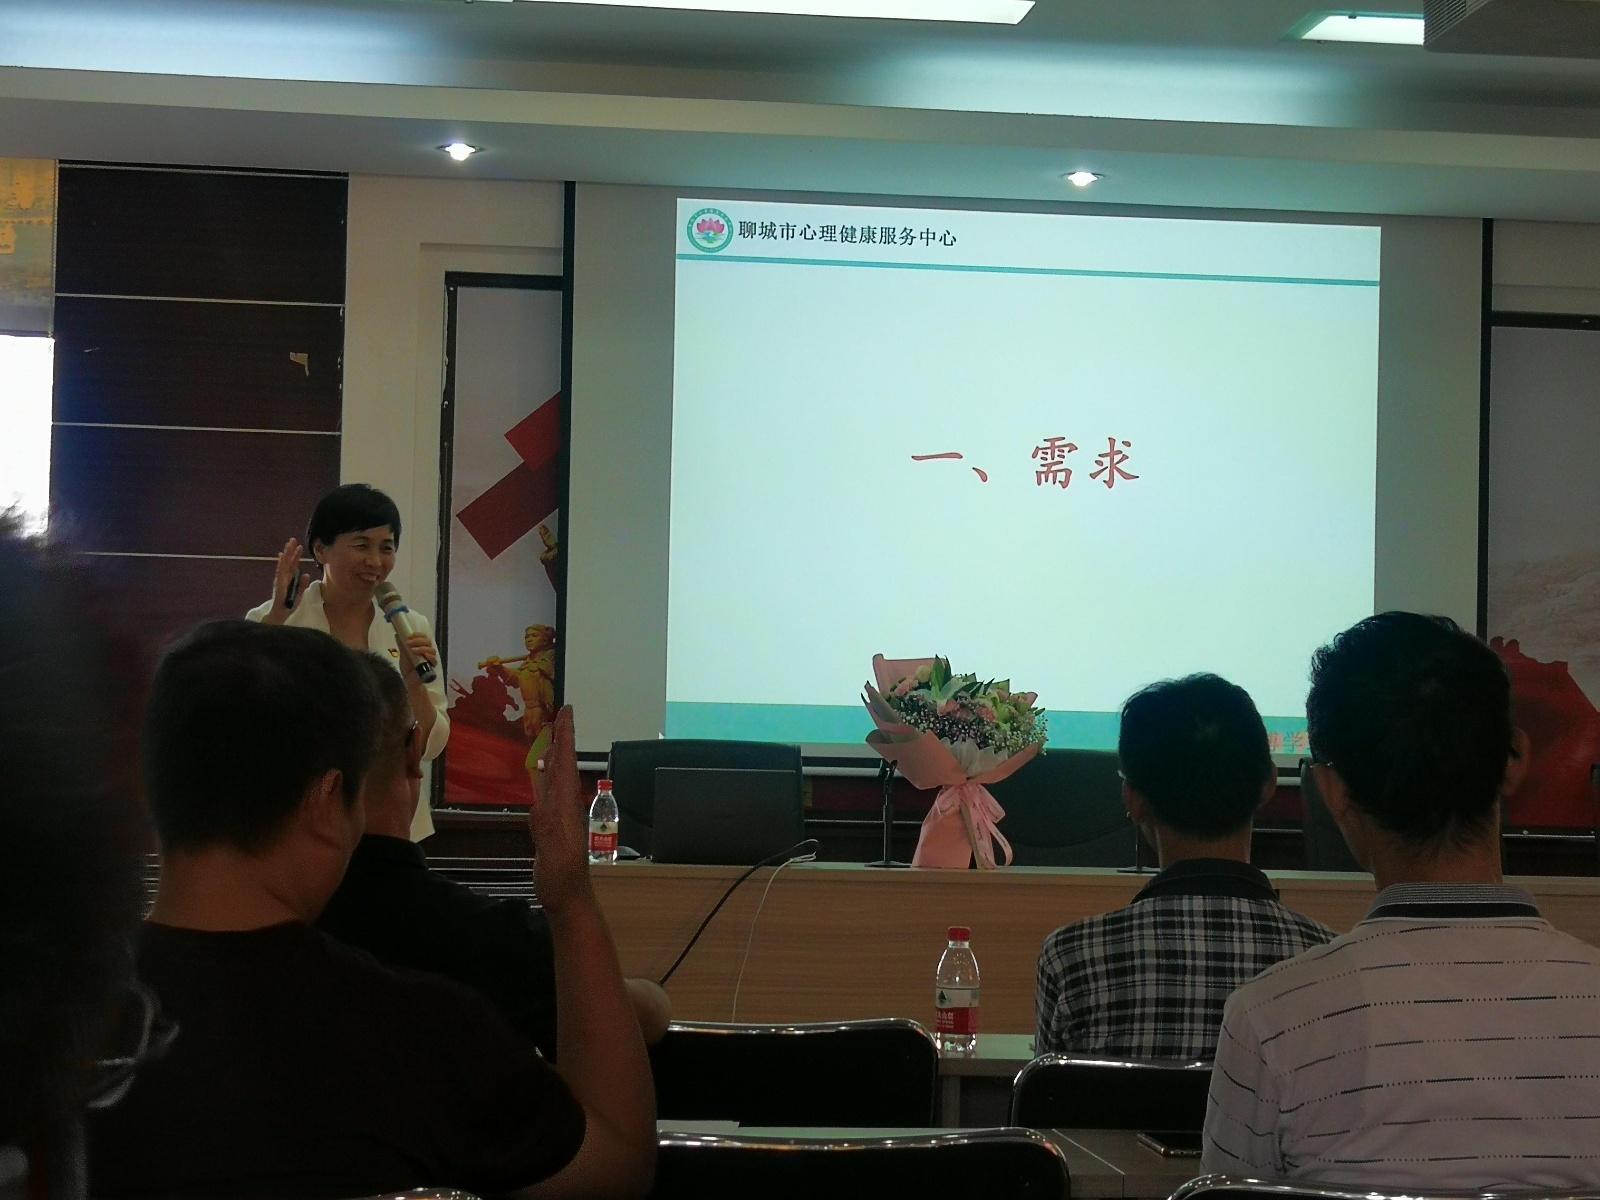 山东省聊城生态环境监测中心举办心理健康知识讲座